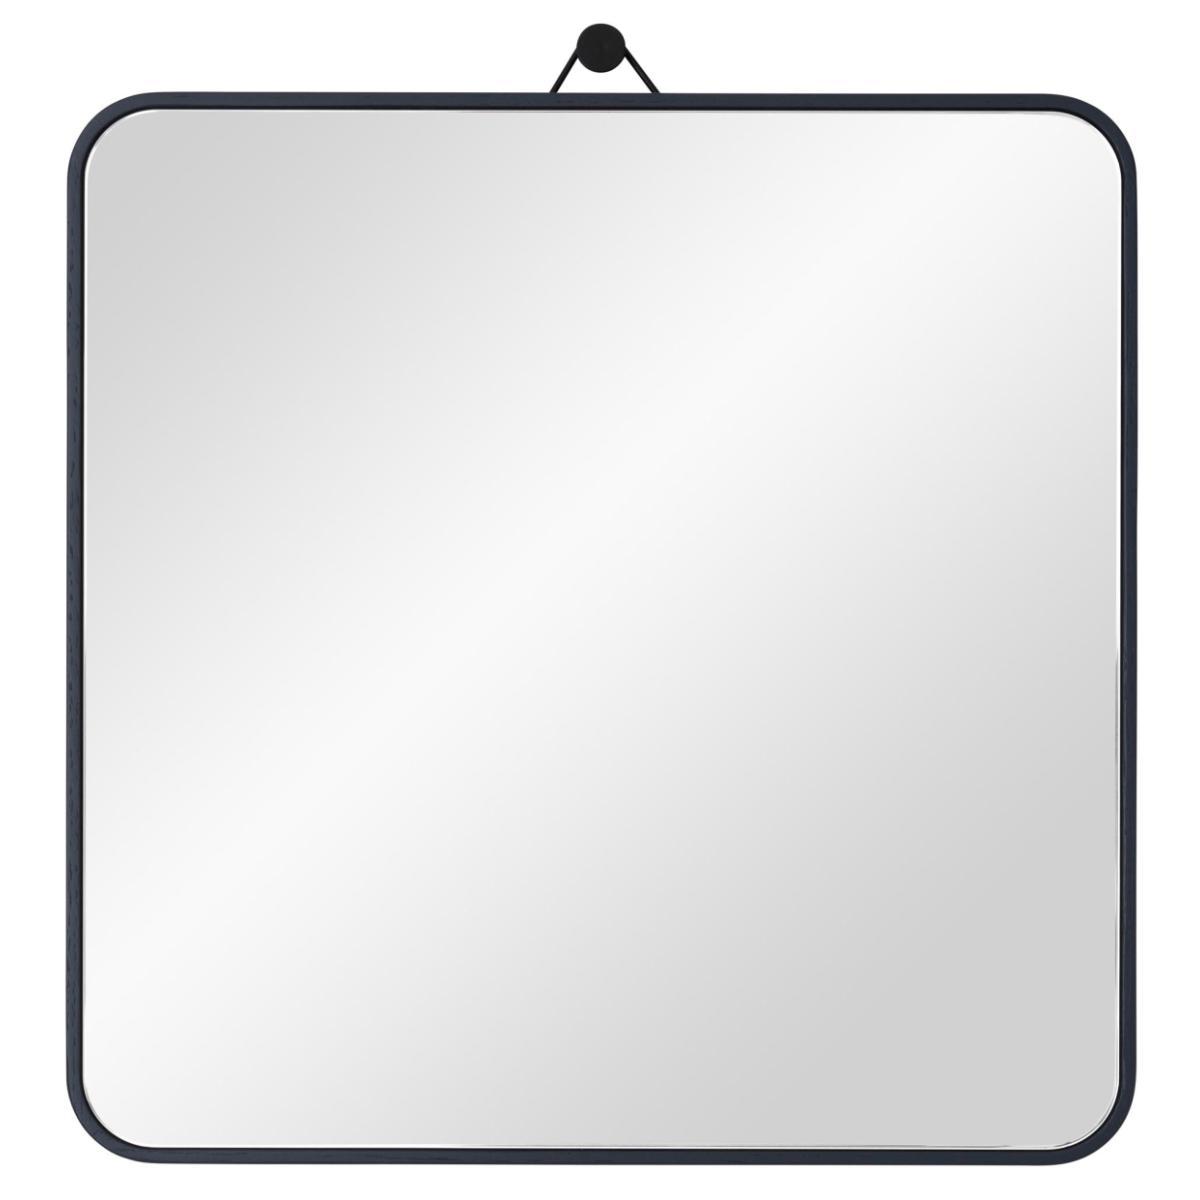 VIEW Spiegel 30 x 30 cm Eiche nachtblau